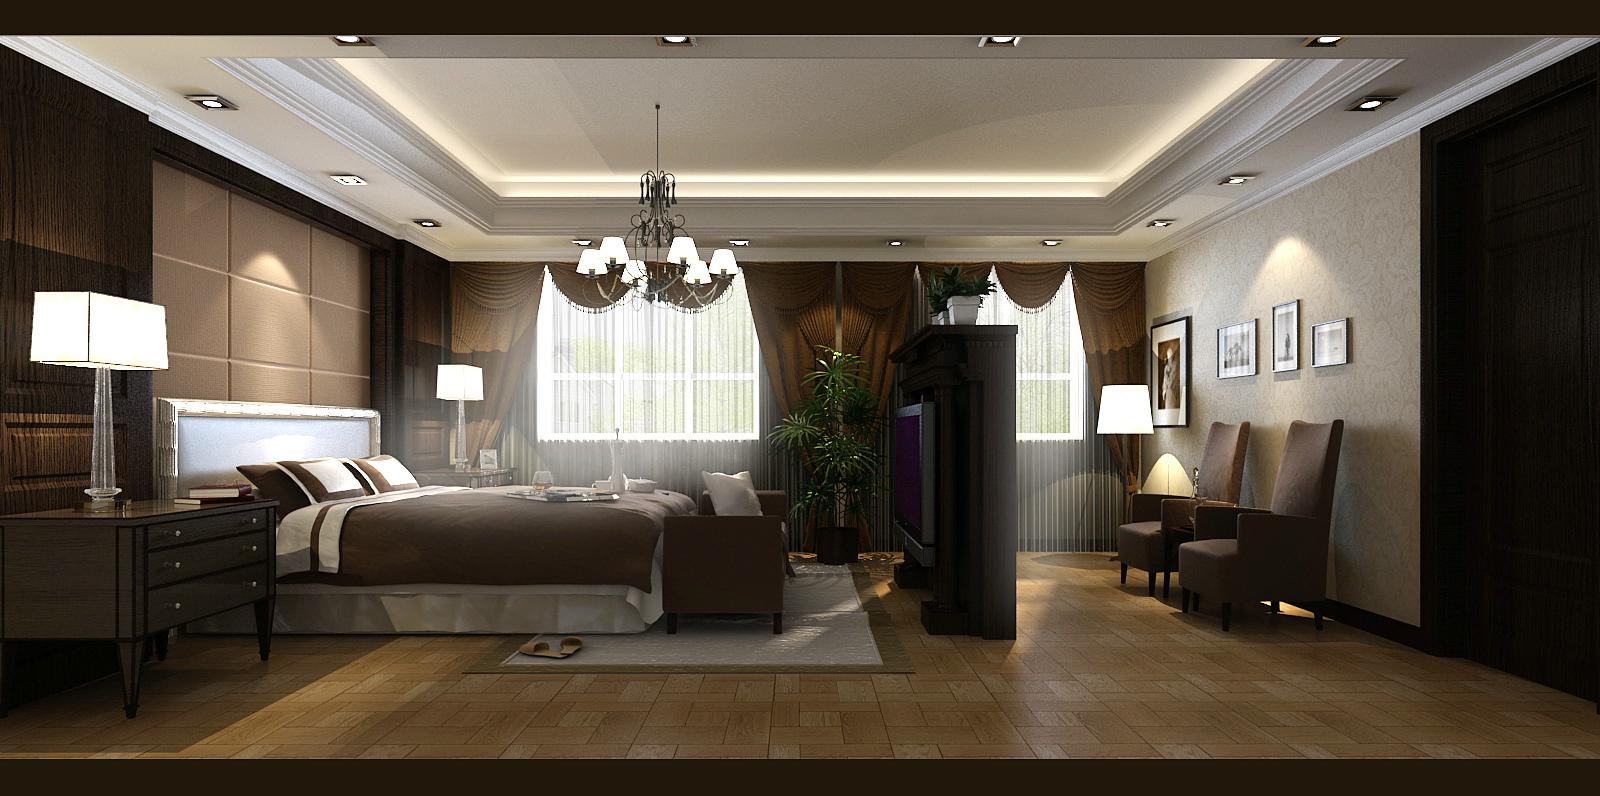 武汉实创 长久天地 别墅 欧式别墅 小资 卧室图片来自静夜思在高雅而奢华︱长久天地︱欧式别墅的分享